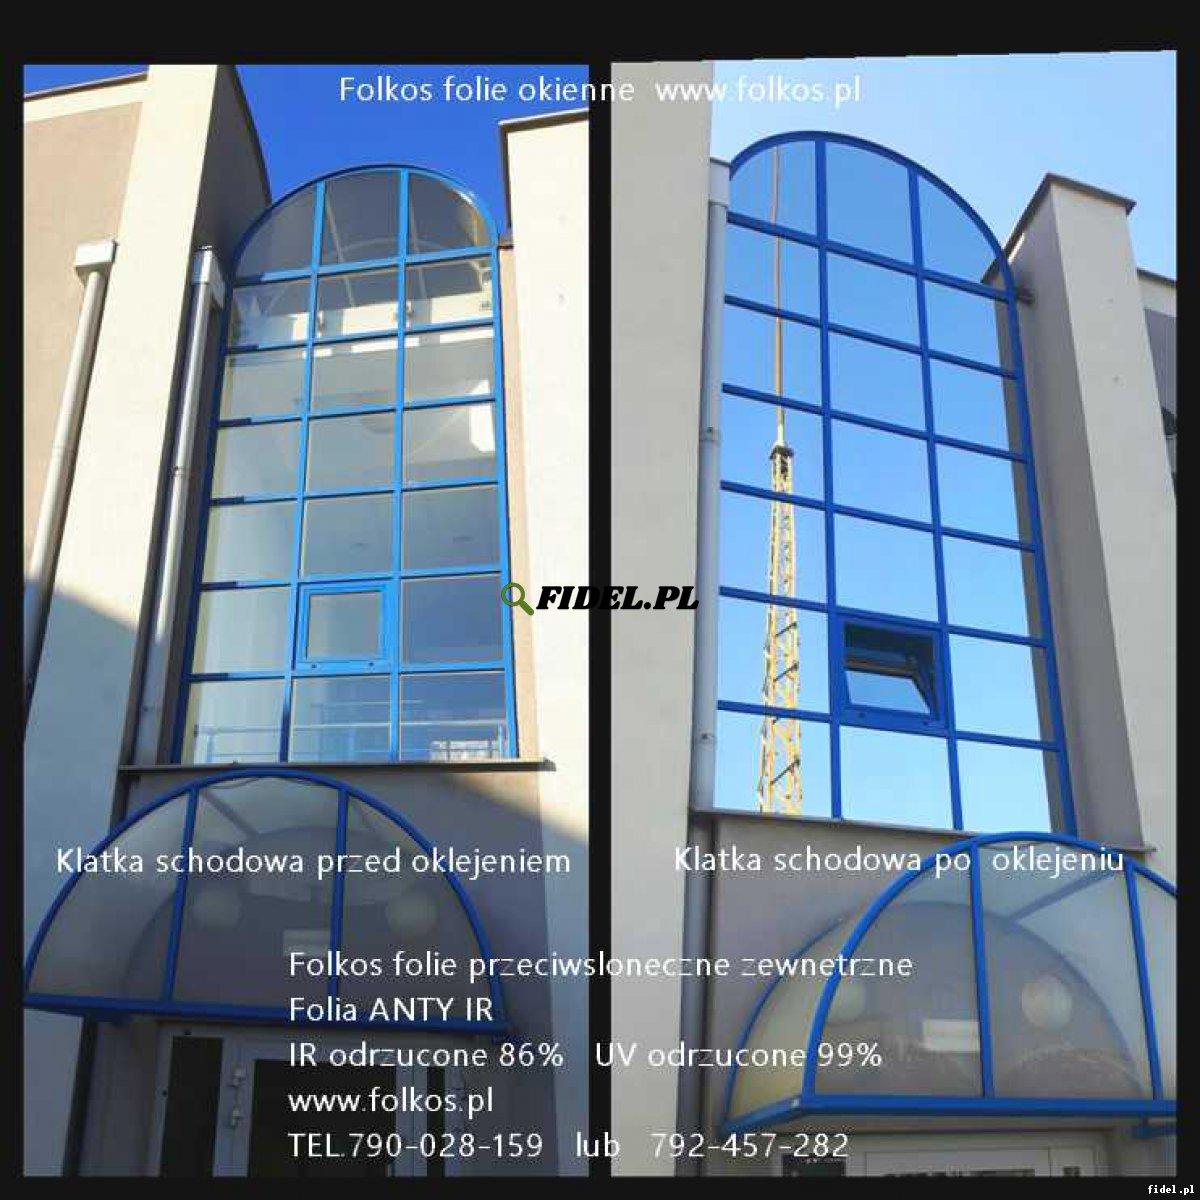 Folie przeciwsłoneczne Ursynów- Wilanów -przyciemnianie szyb -Folie zewnętrzne ANTY UV, ANTY IR, redukcja rażenia słonecznego do 100%